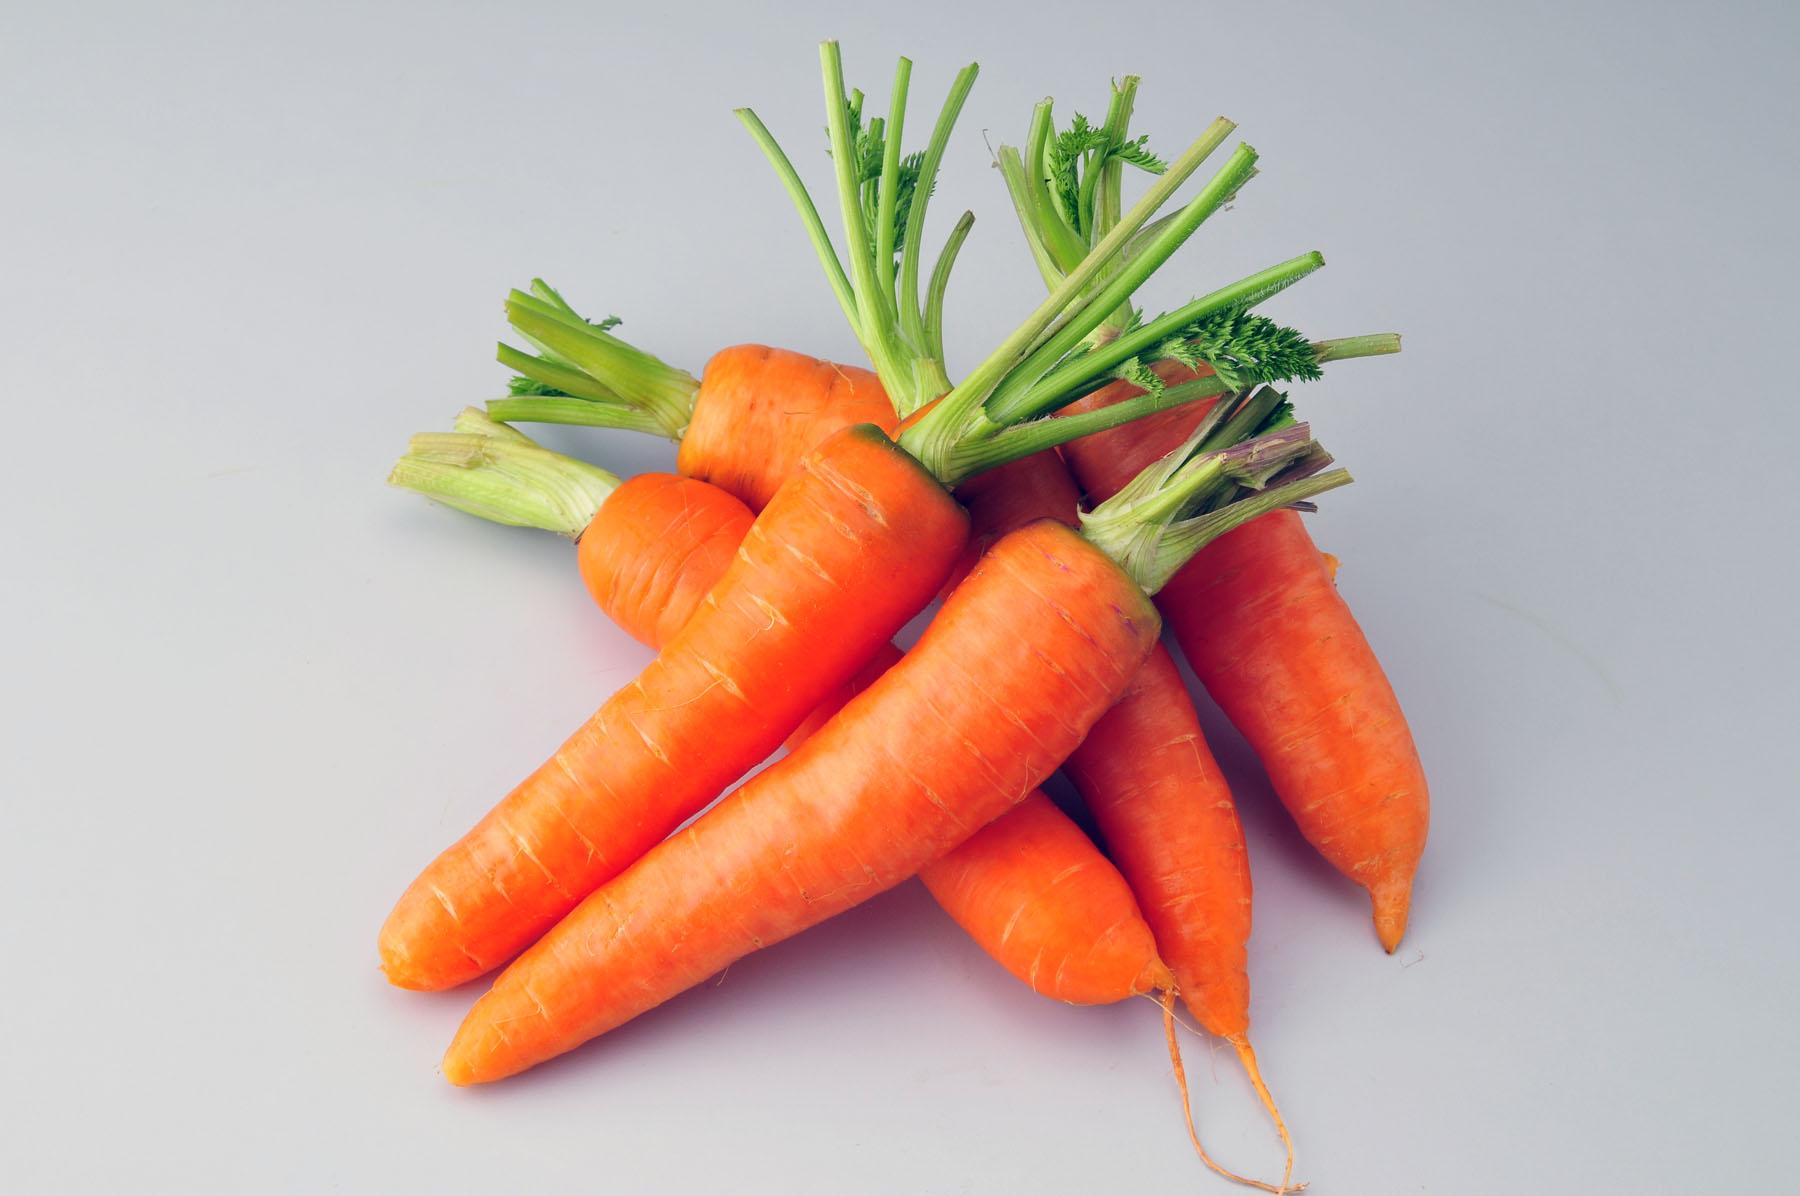 """五、胡萝卜 味甘,性凉,有养血排毒、健脾和胃的功效,素有""""小人参""""之称。胡萝卜富含糖类、脂肪、挥发油、维生素a、维生素b1、维生素b2、花青素、胡萝卜素、钙、铁等营养成分。现代医学已经证明,胡萝卜是有效的解毒食物,它不仅含有丰富的胡萝卜素,而且含有大量的维生素a和果胶,与体内的汞离子结合之后,能有效降低血液中汞离子的浓度,加速体内汞离子的排出。"""